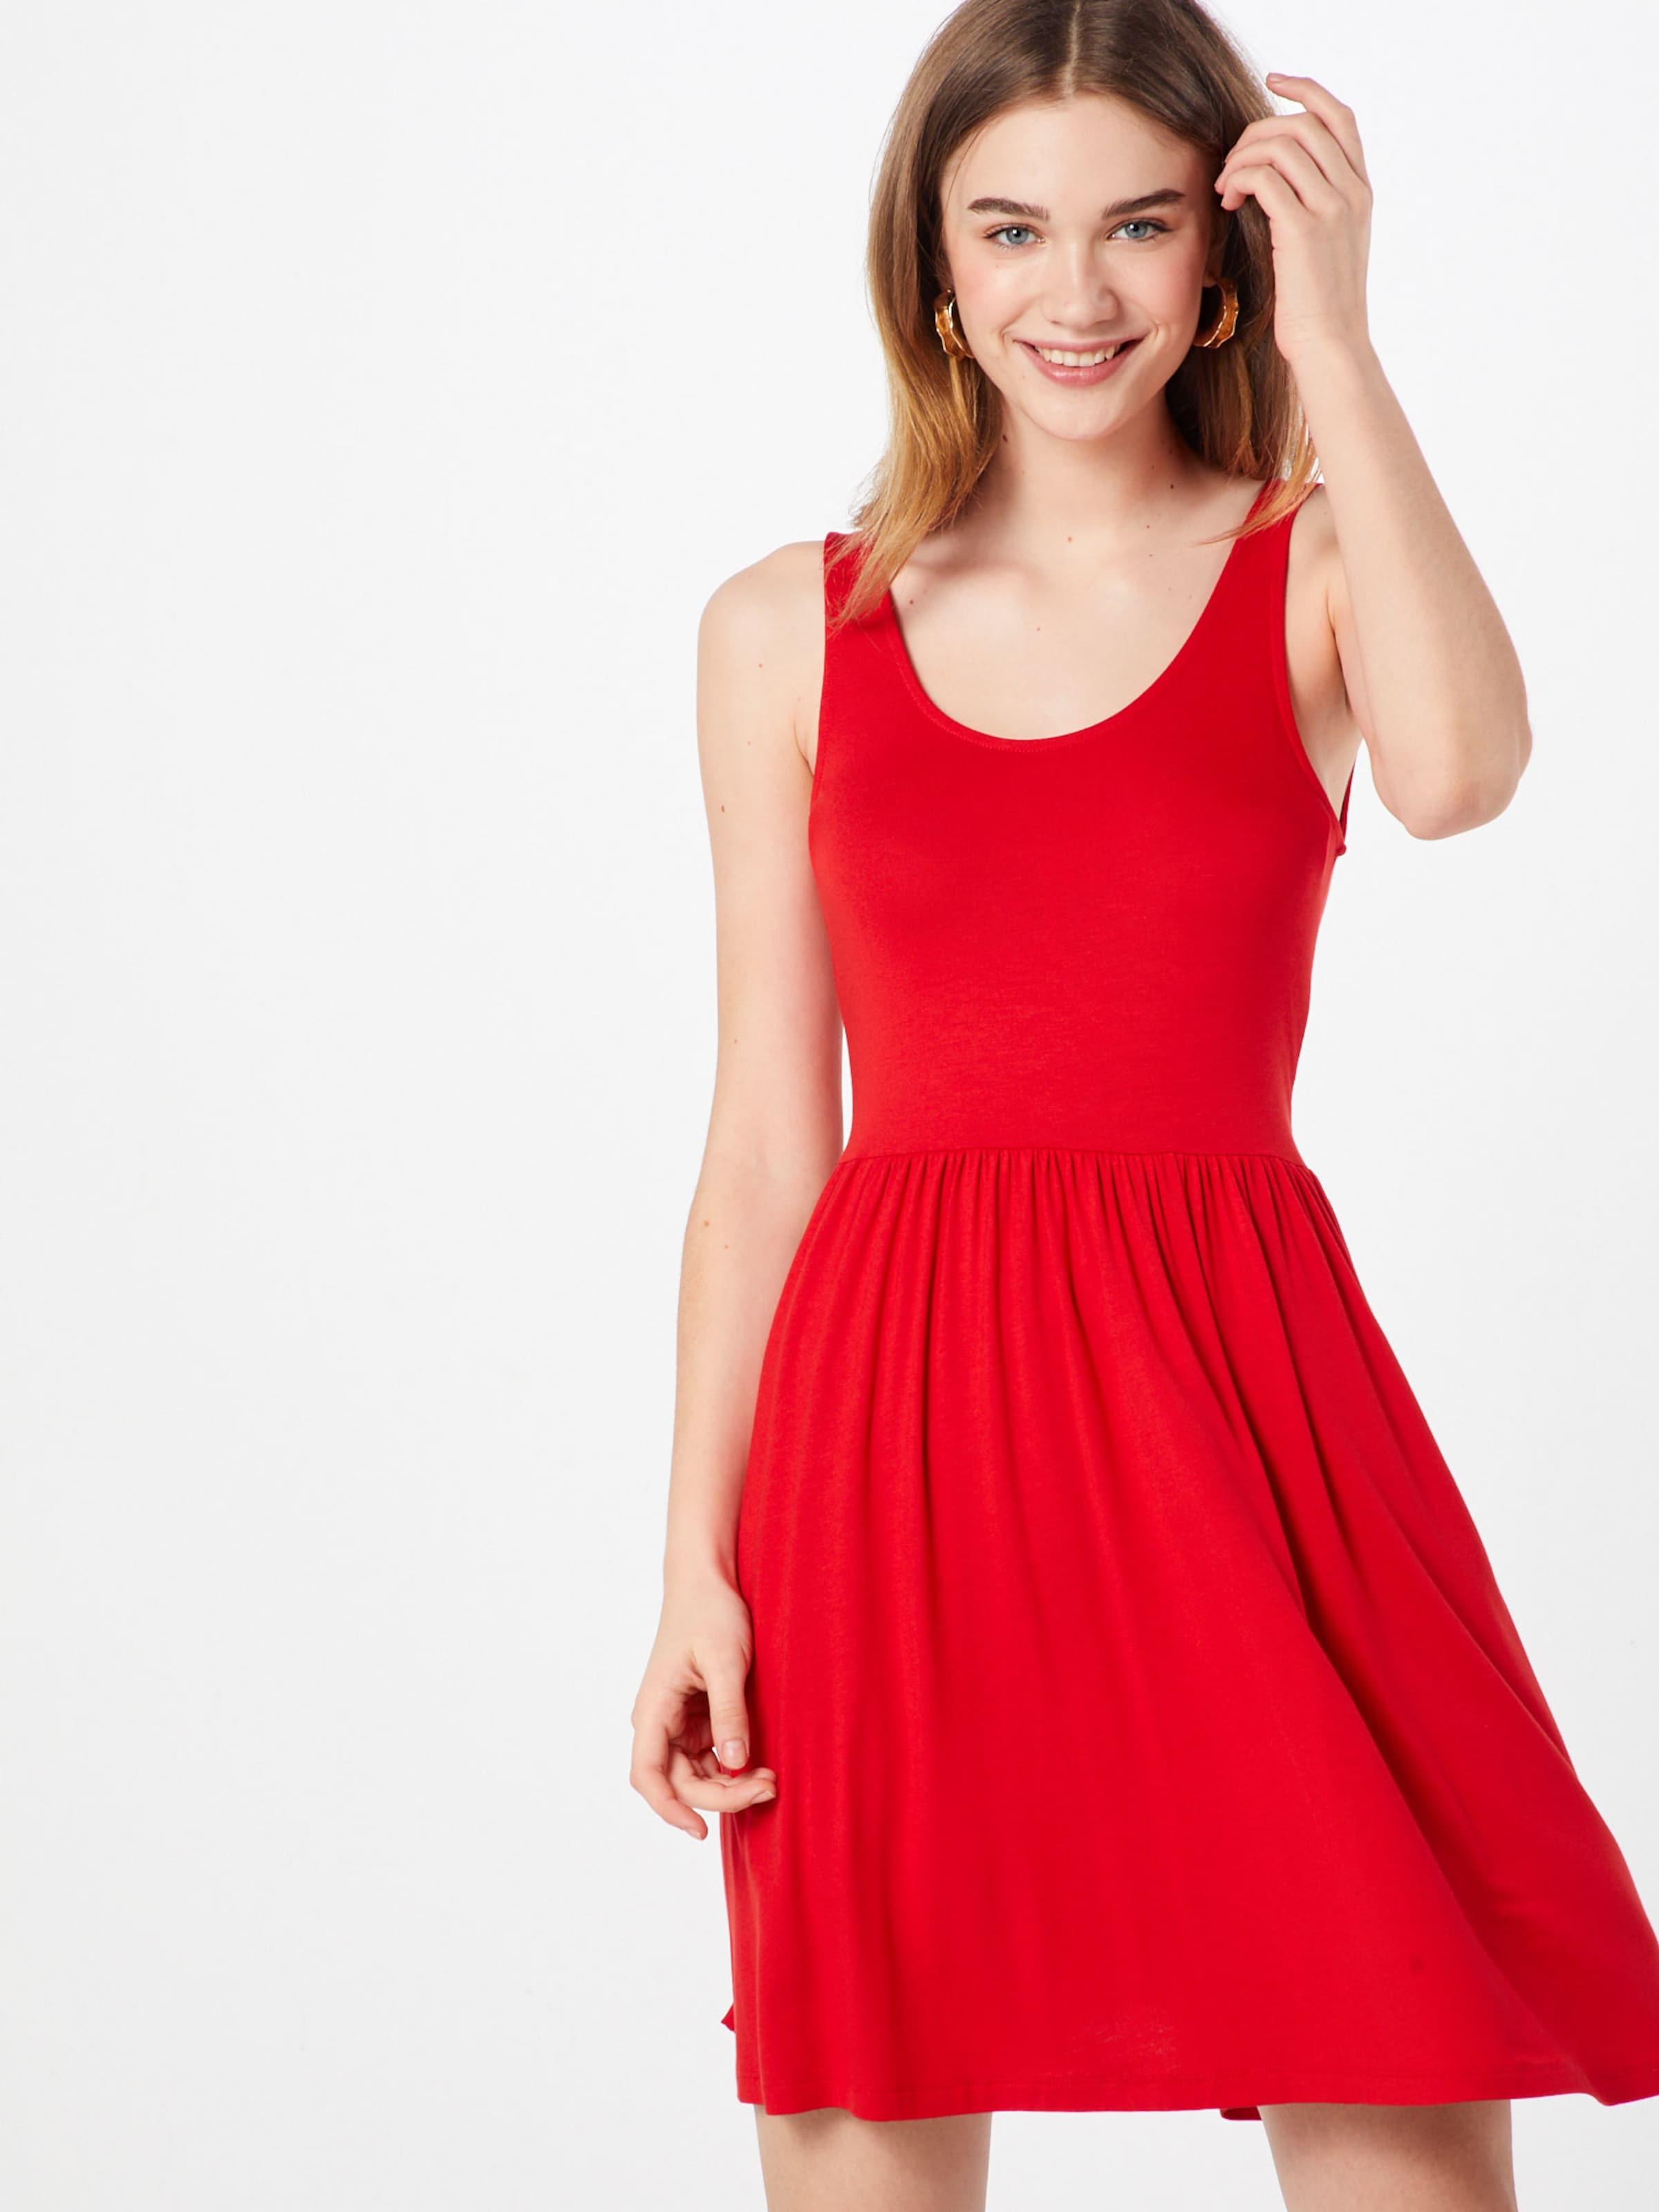 En Rouge D'été Orangé Robe Pieces bgvf67Yy